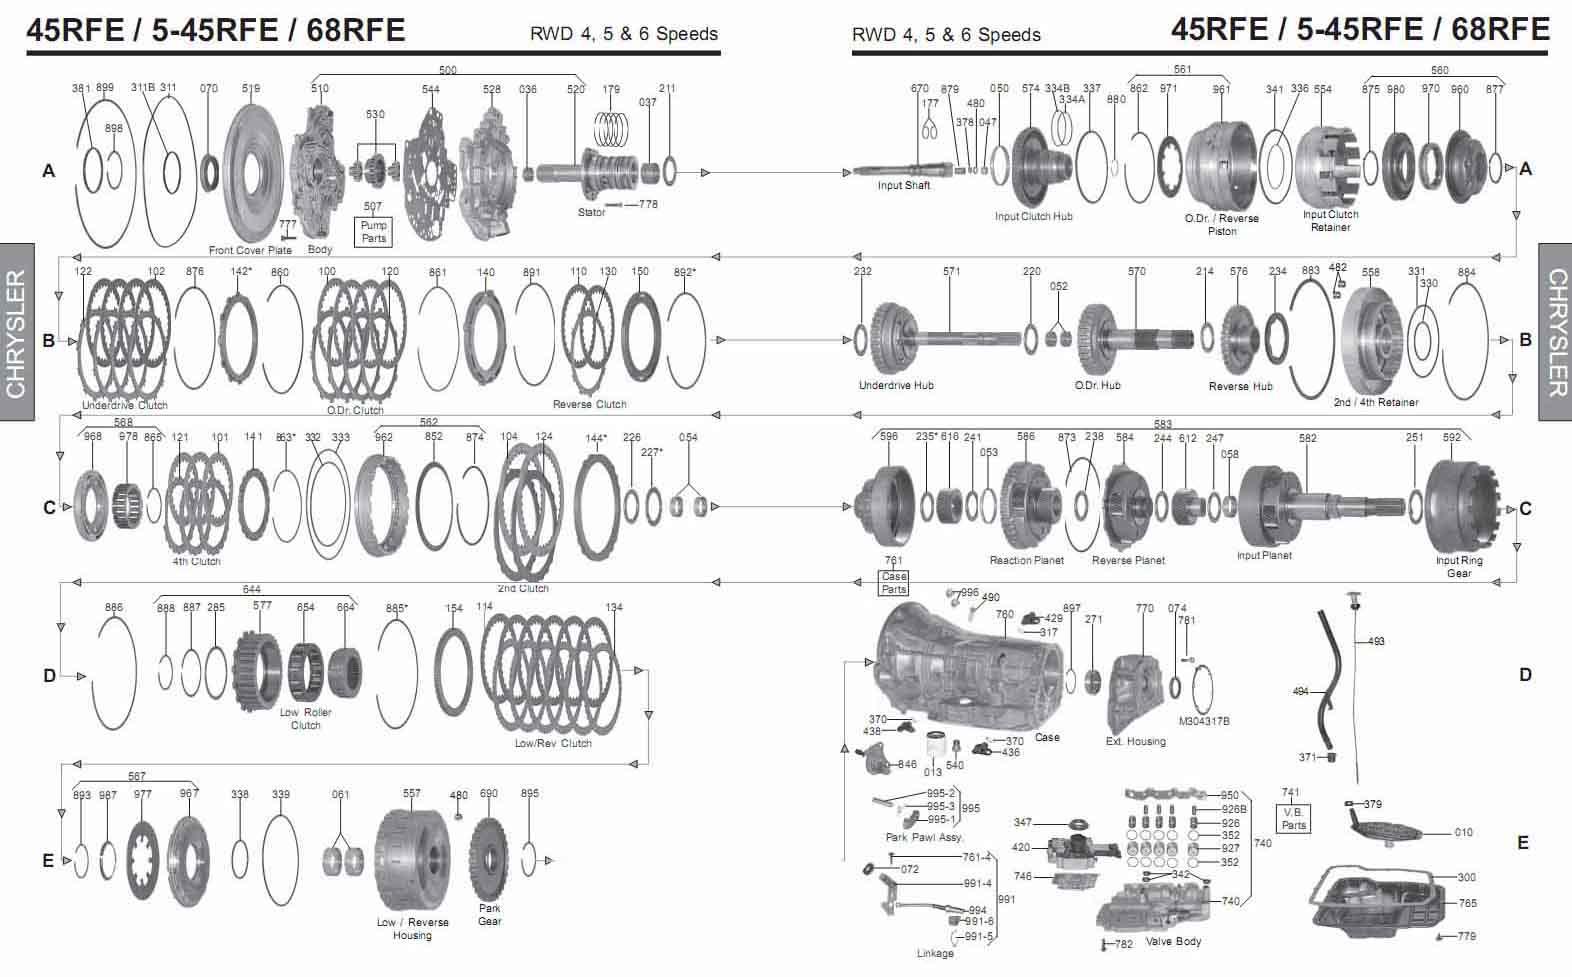 Transmission Repair Manuals 45rfe 545rfe